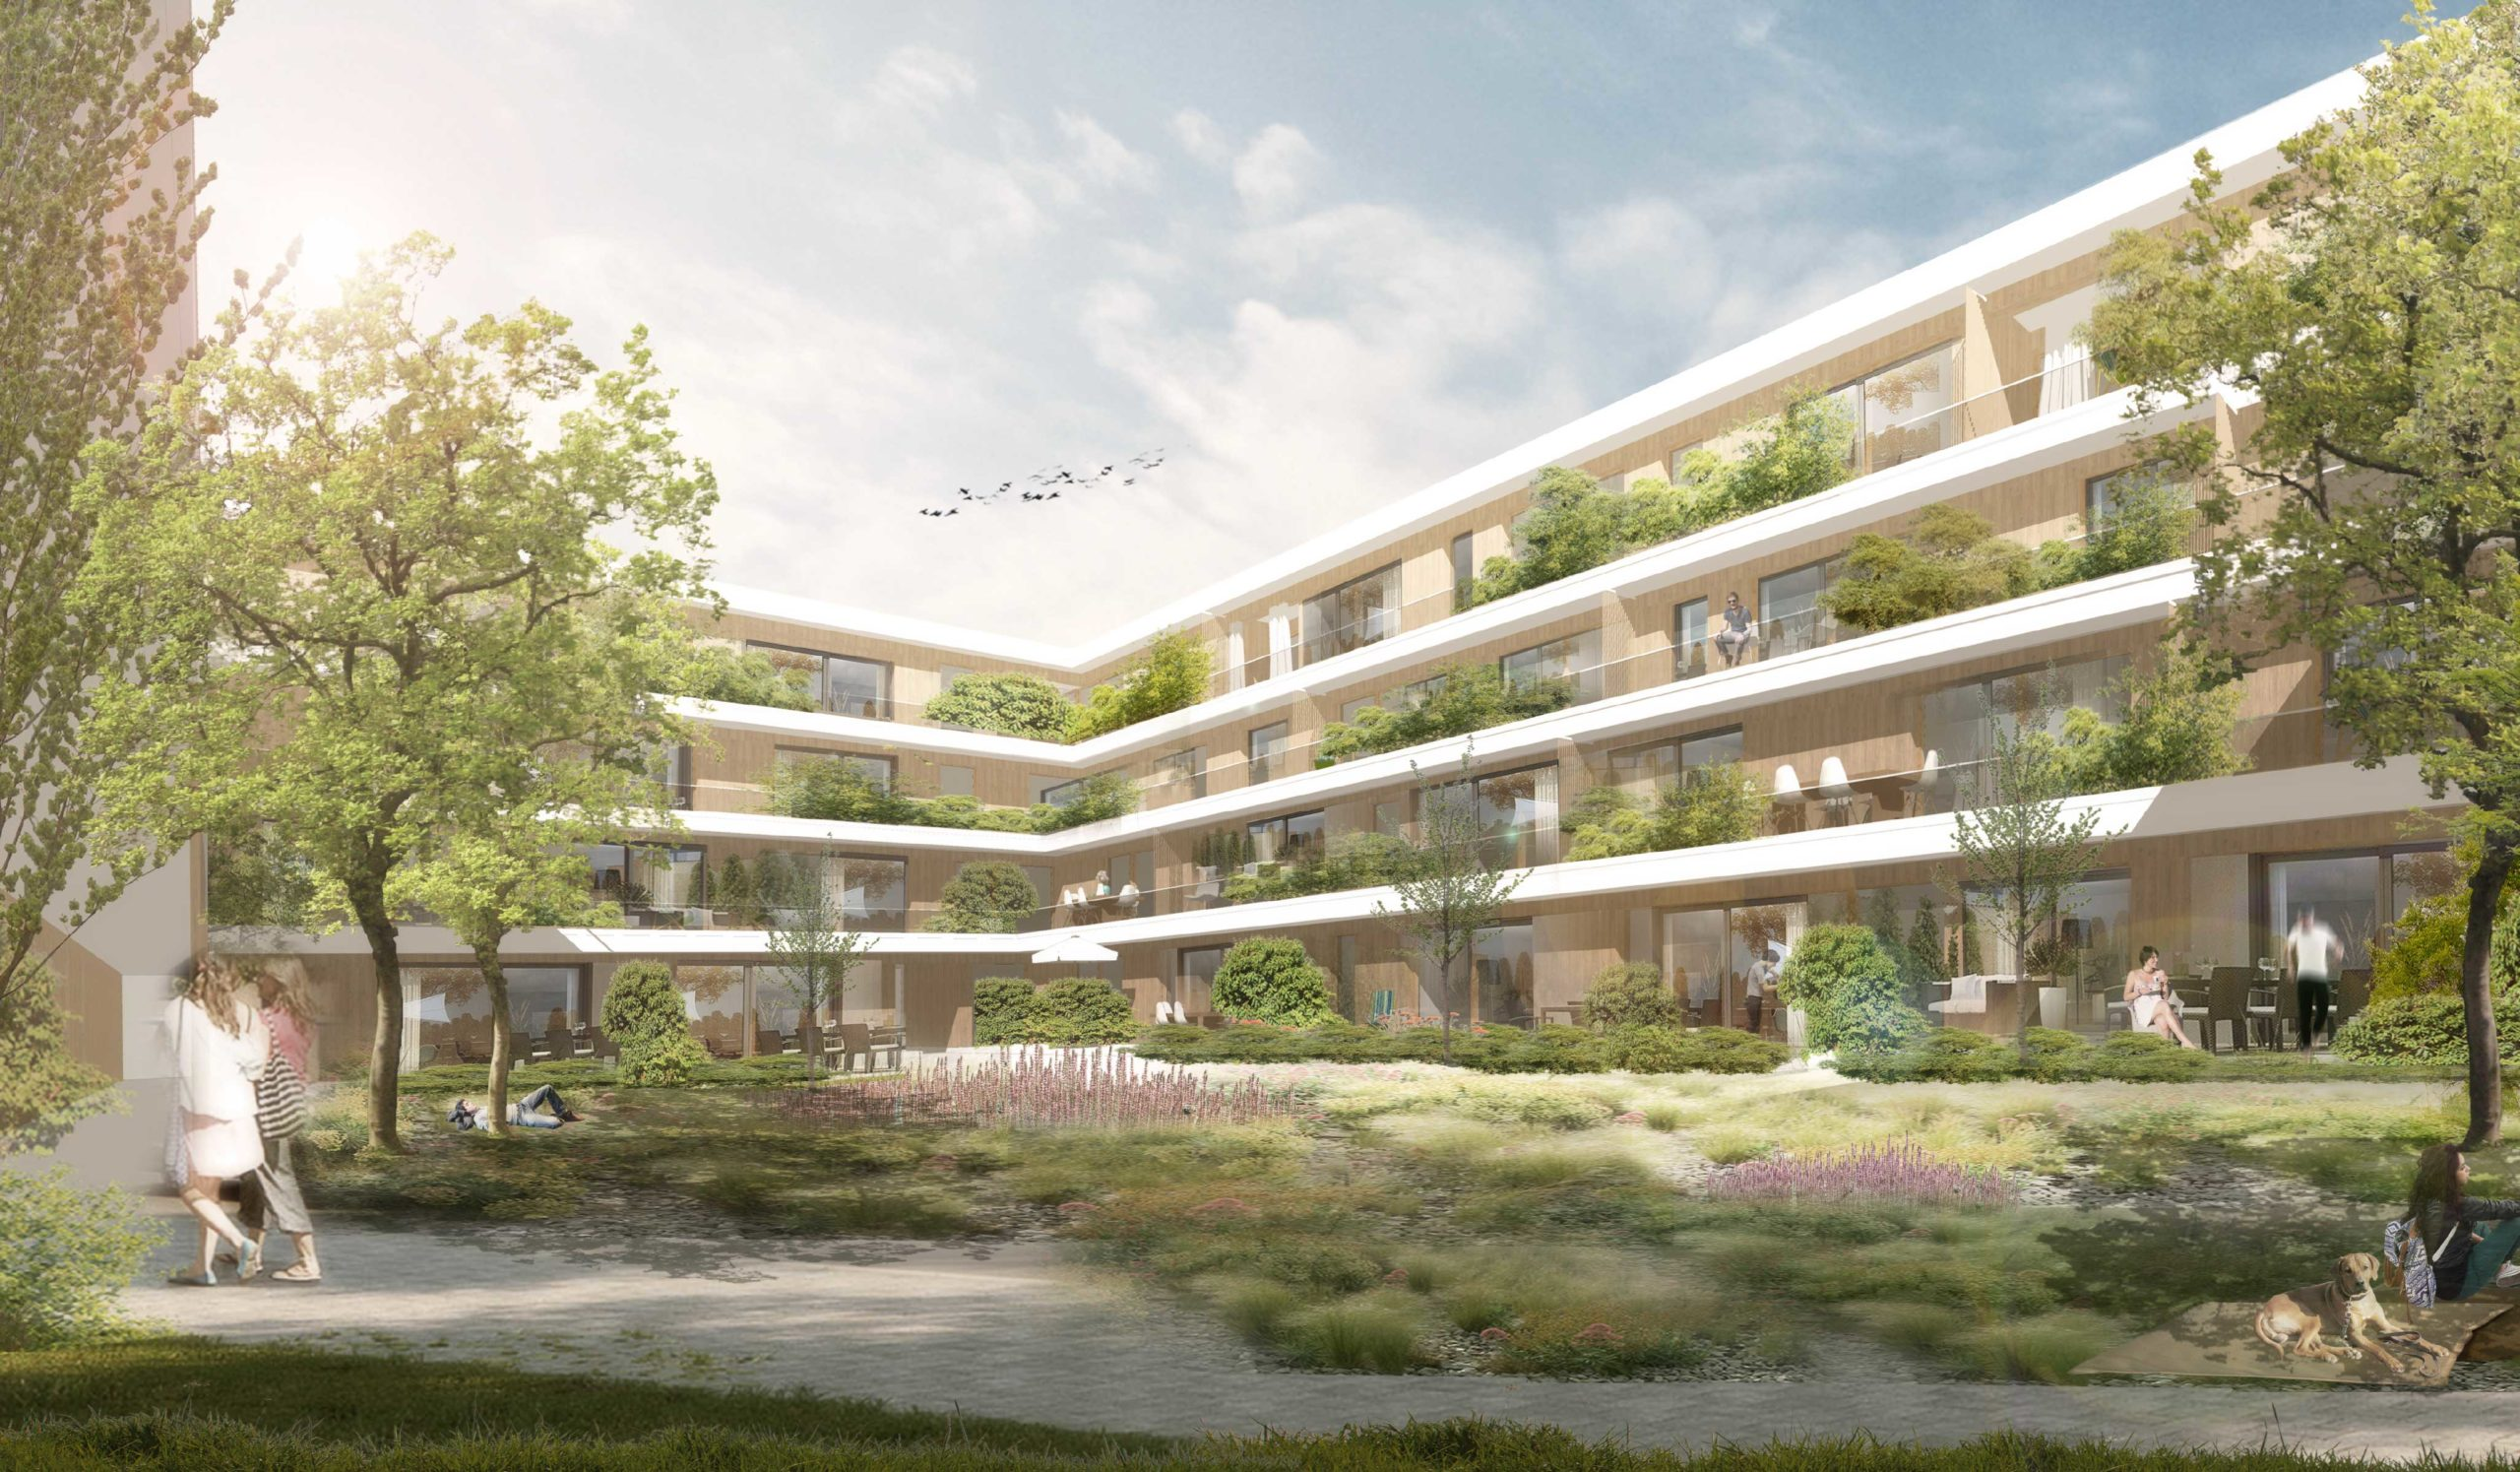 Perspektive Innenhof Wettbewerb Wohnen über Einzelhandel in Karlsruhe von Bitsch+Bienstein Architekten